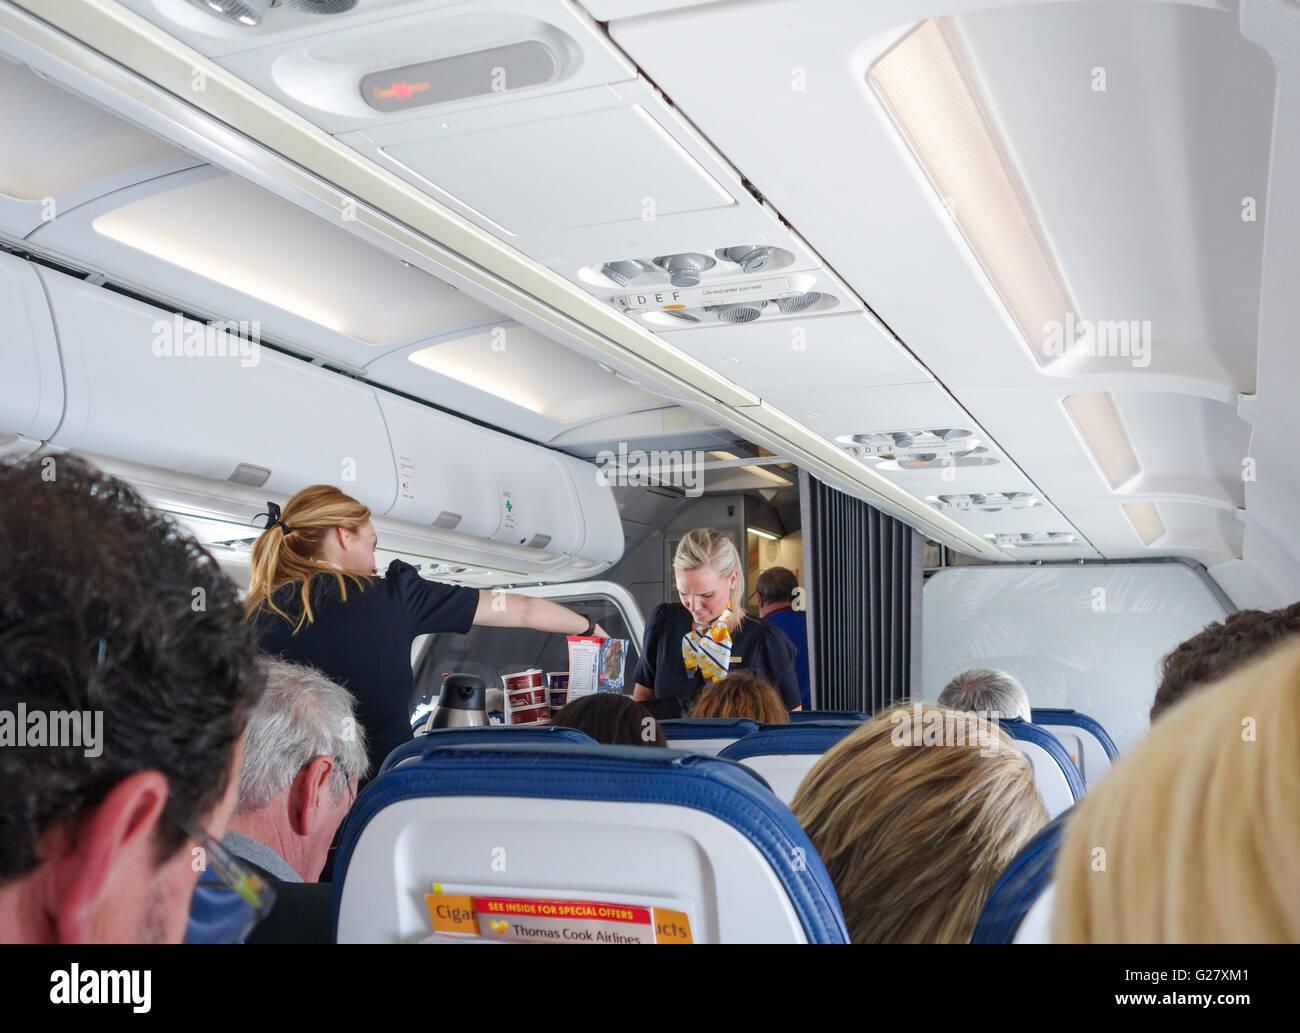 Hostess di aria che serve cibo e bevande a bordo della Thomas Cook Airlines Airbus A321 Immagini Stock